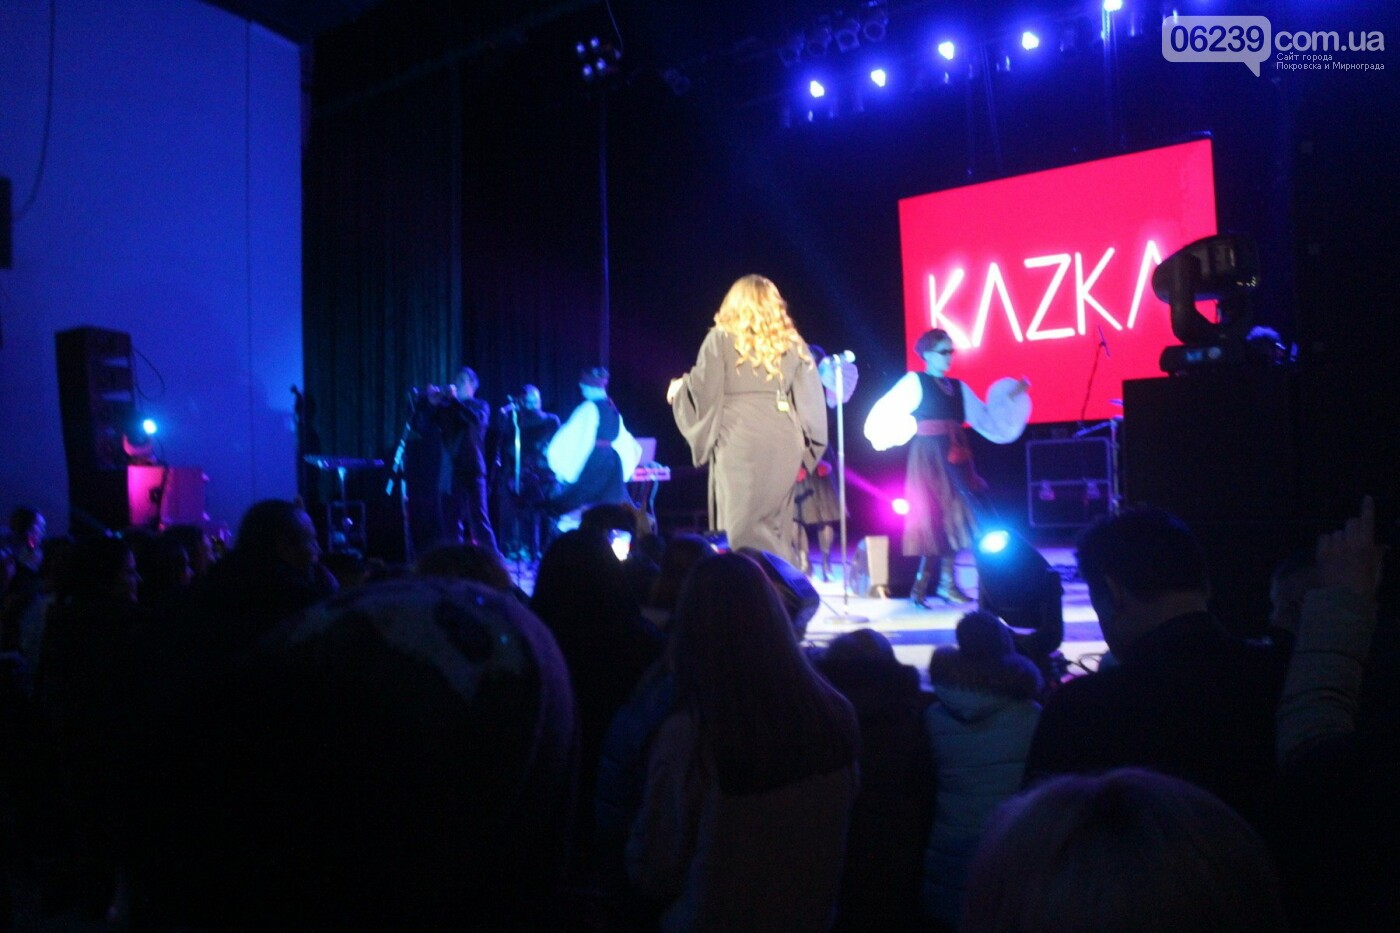 В Покровске выступила популярная украинская группа KAZKA, фото-11